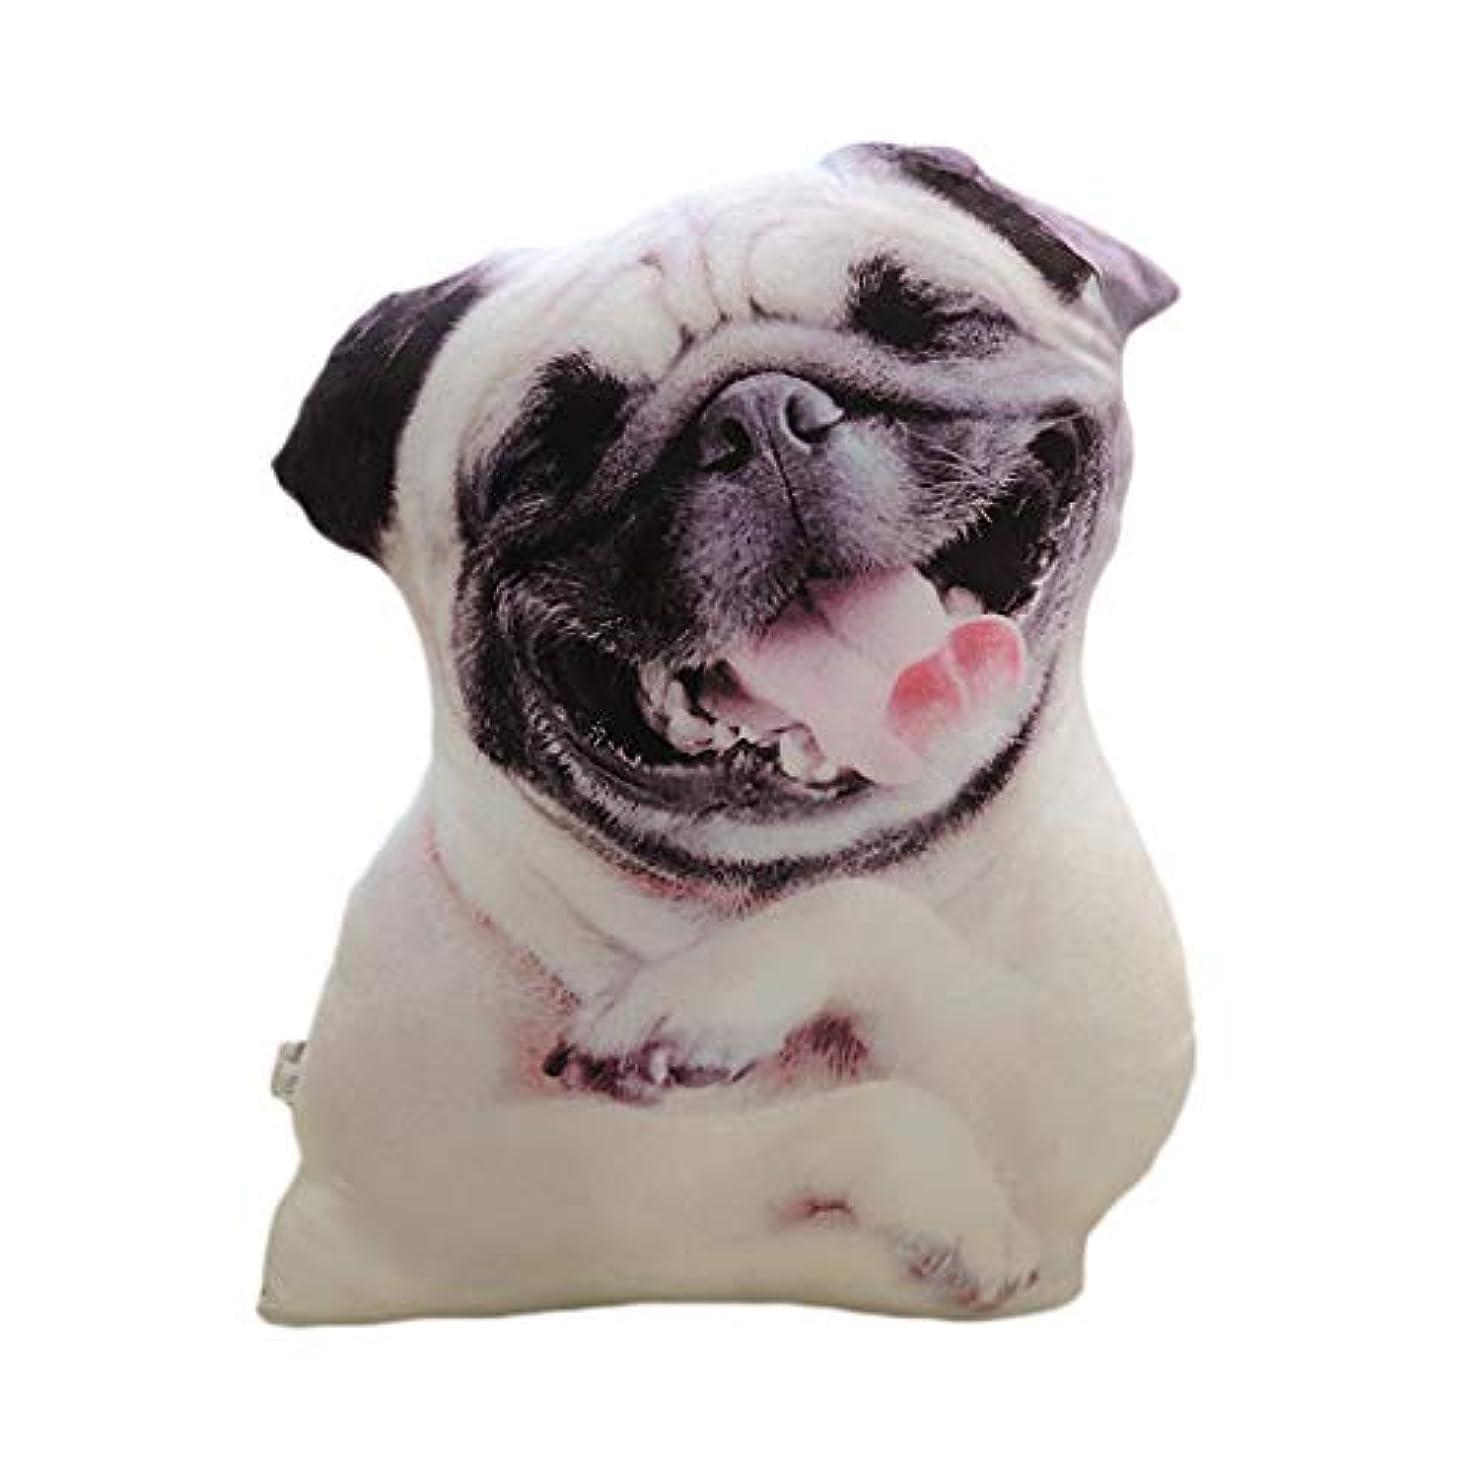 シェフ求める堤防LIFE 装飾クッションソファおかしい 3D 犬印刷スロー枕創造クッションかわいいぬいぐるみギフト家の装飾 coussin decoratif クッション 椅子